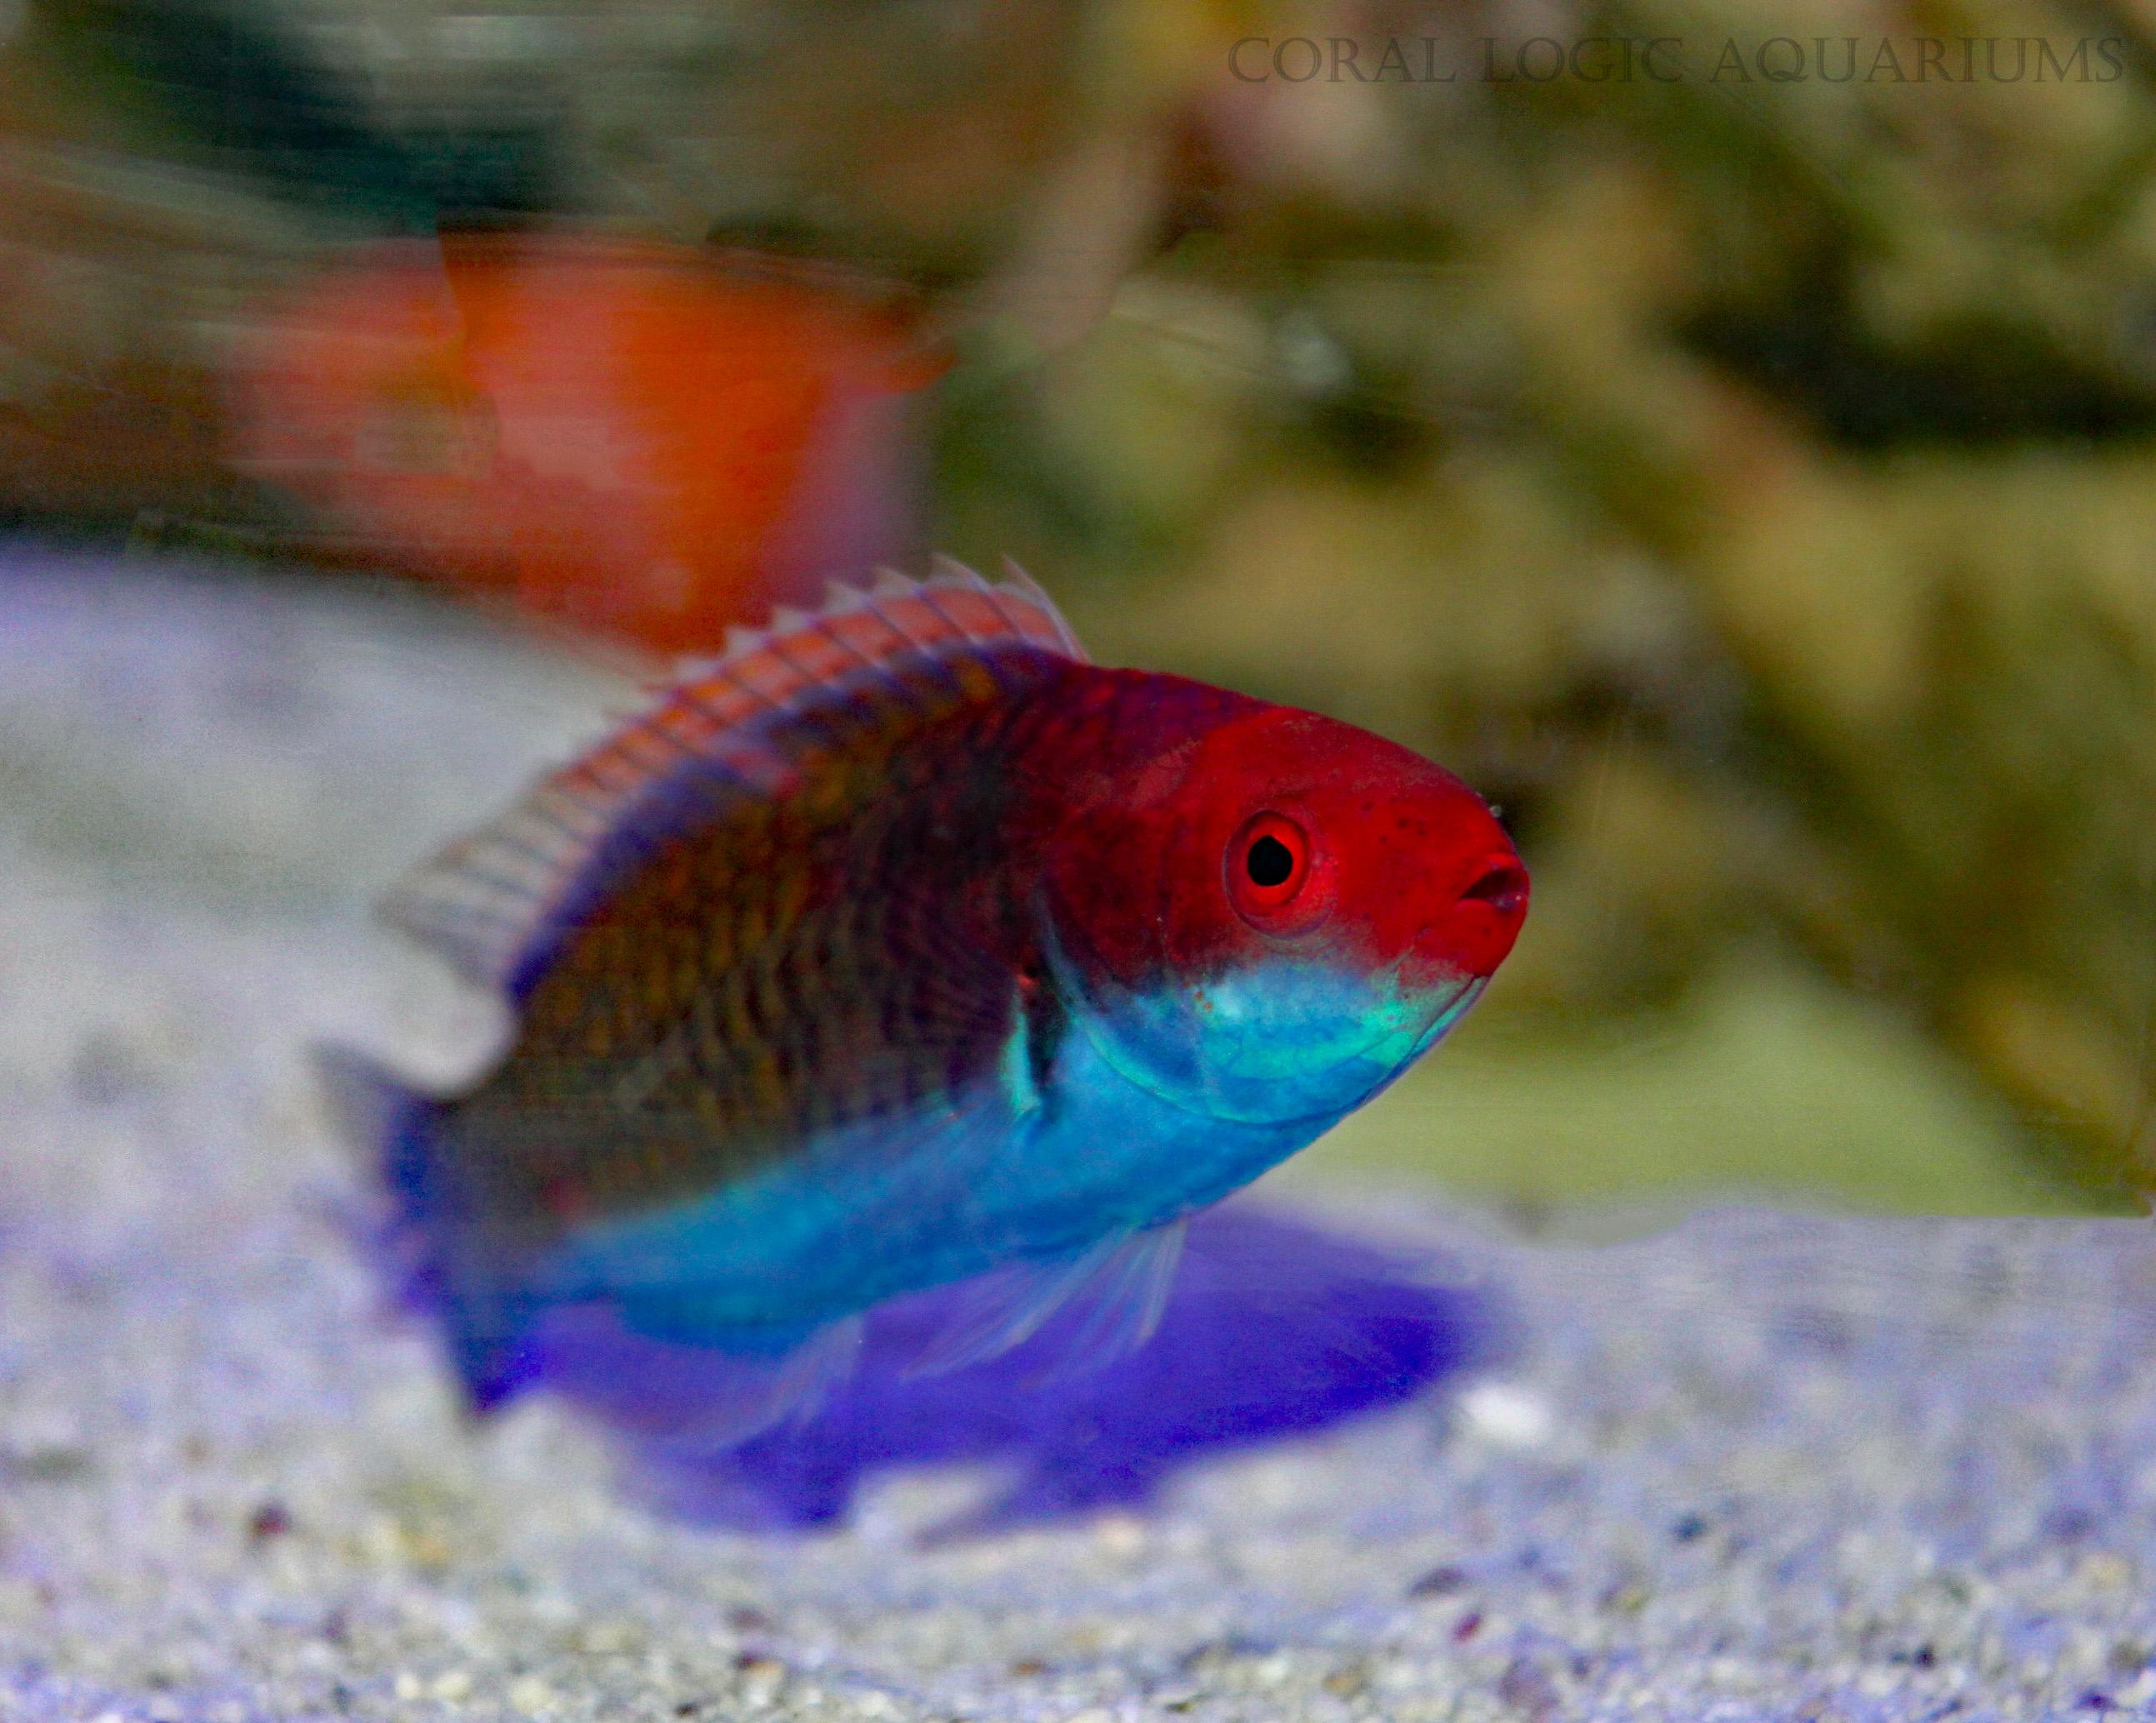 Freshwater aquarium fish jacksonville fl - Red Head Fairy Wrasse